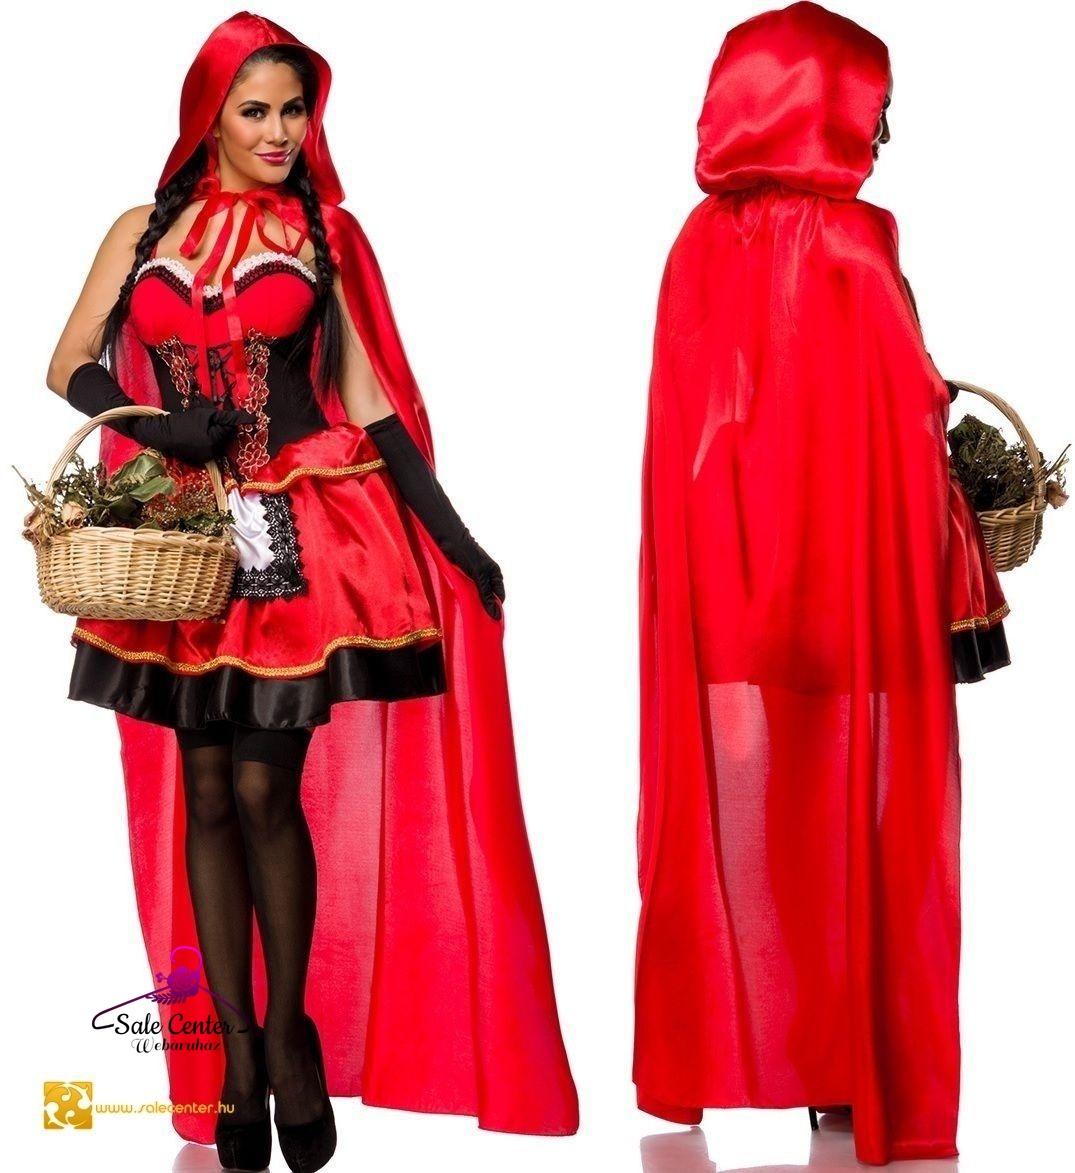 985d0d73e3 Szexi piroska jelmez (S-M,L-XL) kosztüm jelmez szexi dögös divatos ...